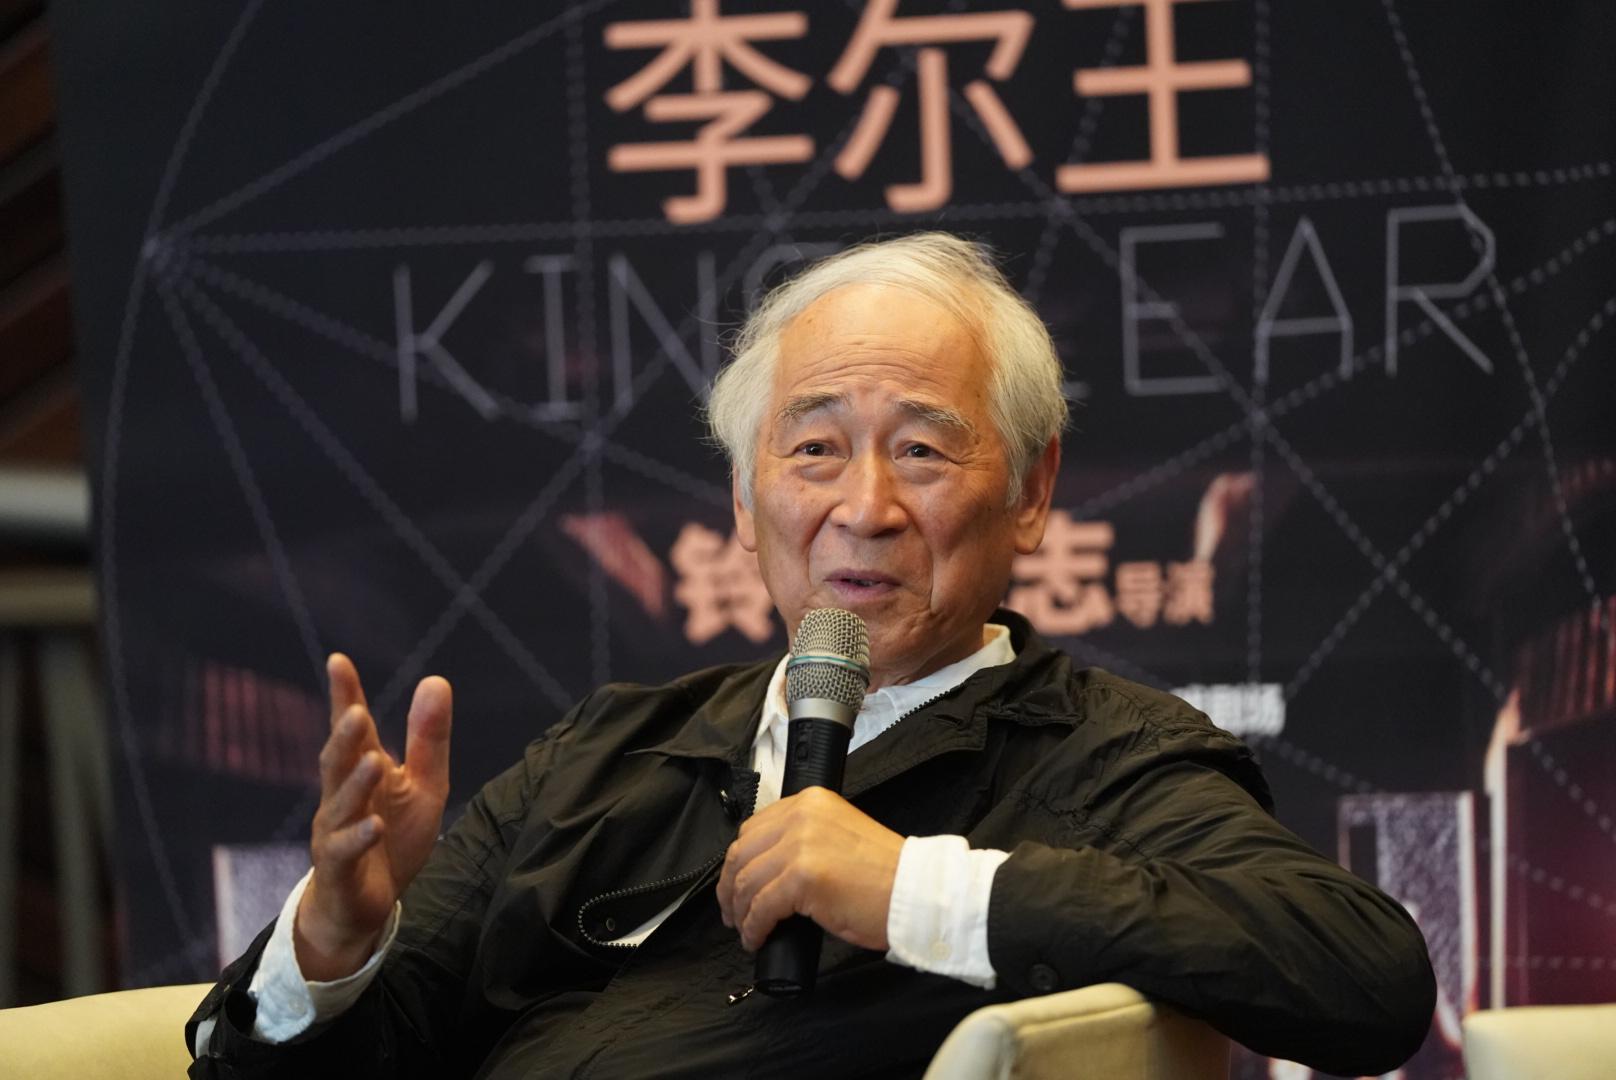 铃木忠志:让民族文化变成世界瑰宝是一个艺术家的使命